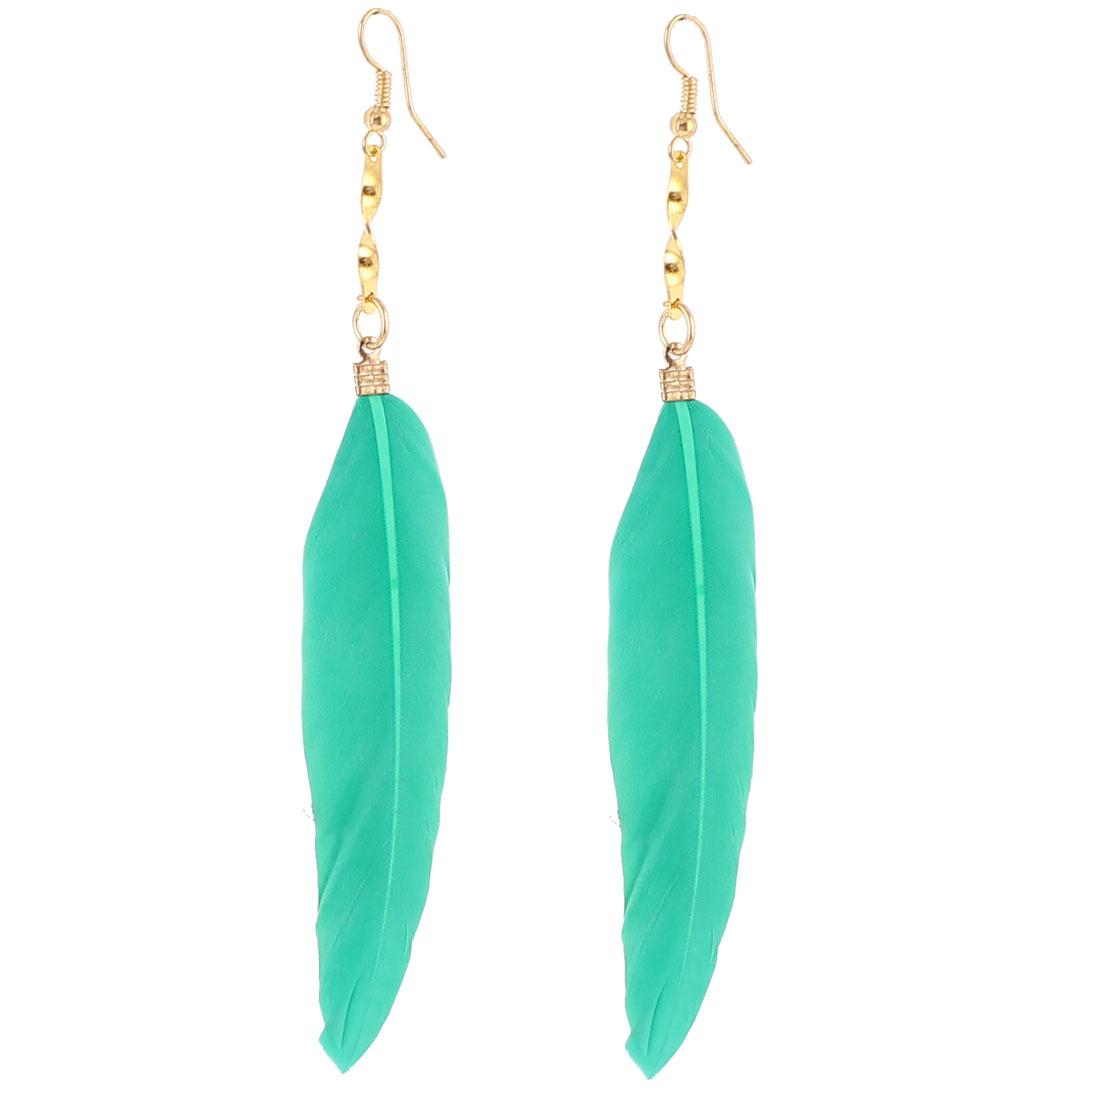 Lady Faux Feather Pendant Fish Hook Dangle Earrings Eardrop 2 Pcs Teal